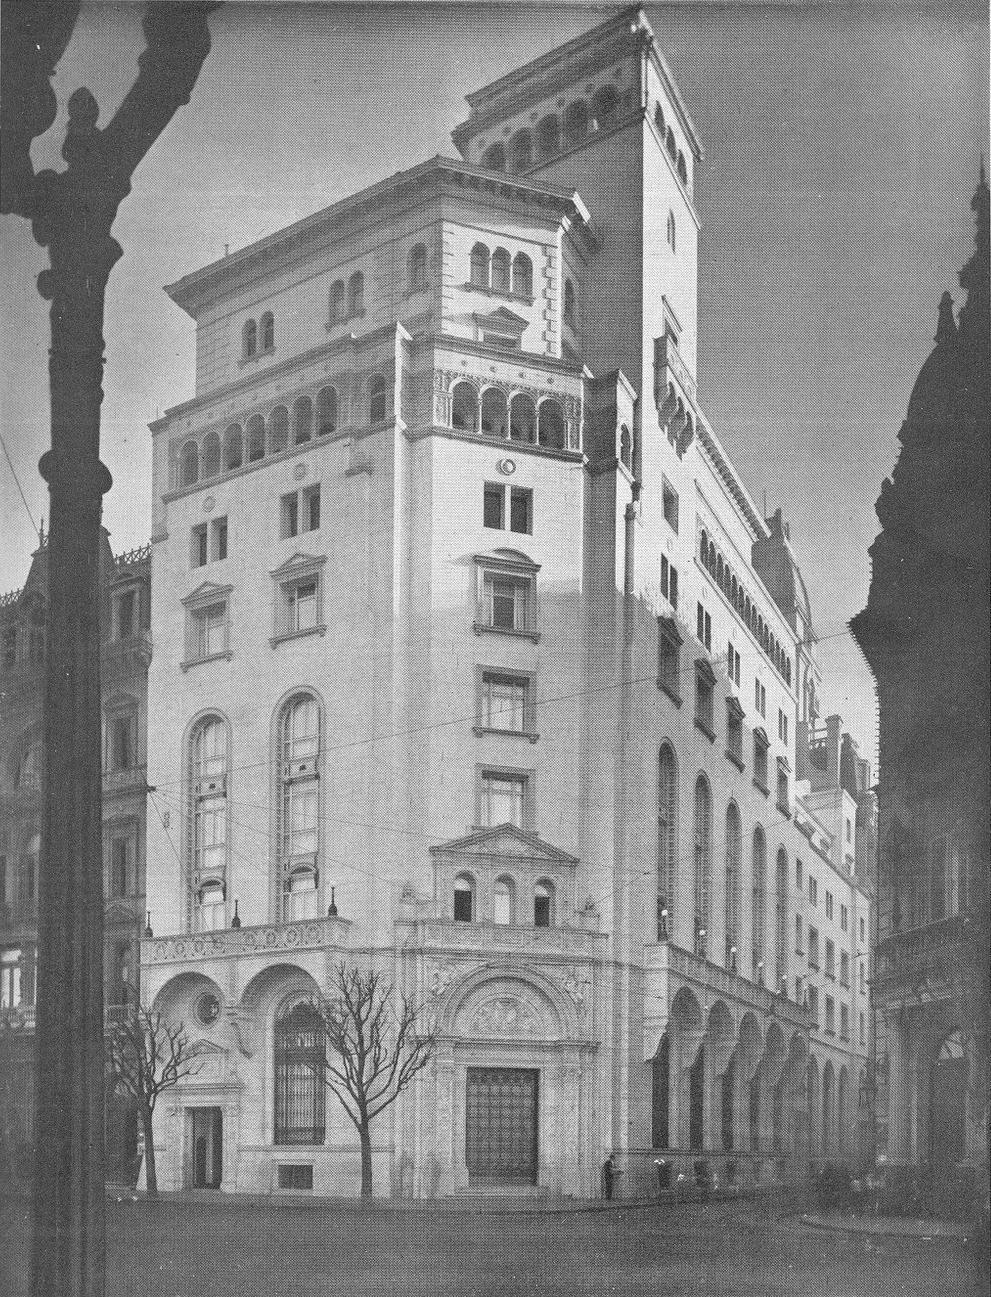 Nuevo banco italiano casa matriz wikipedia la for Casas del banco bbva